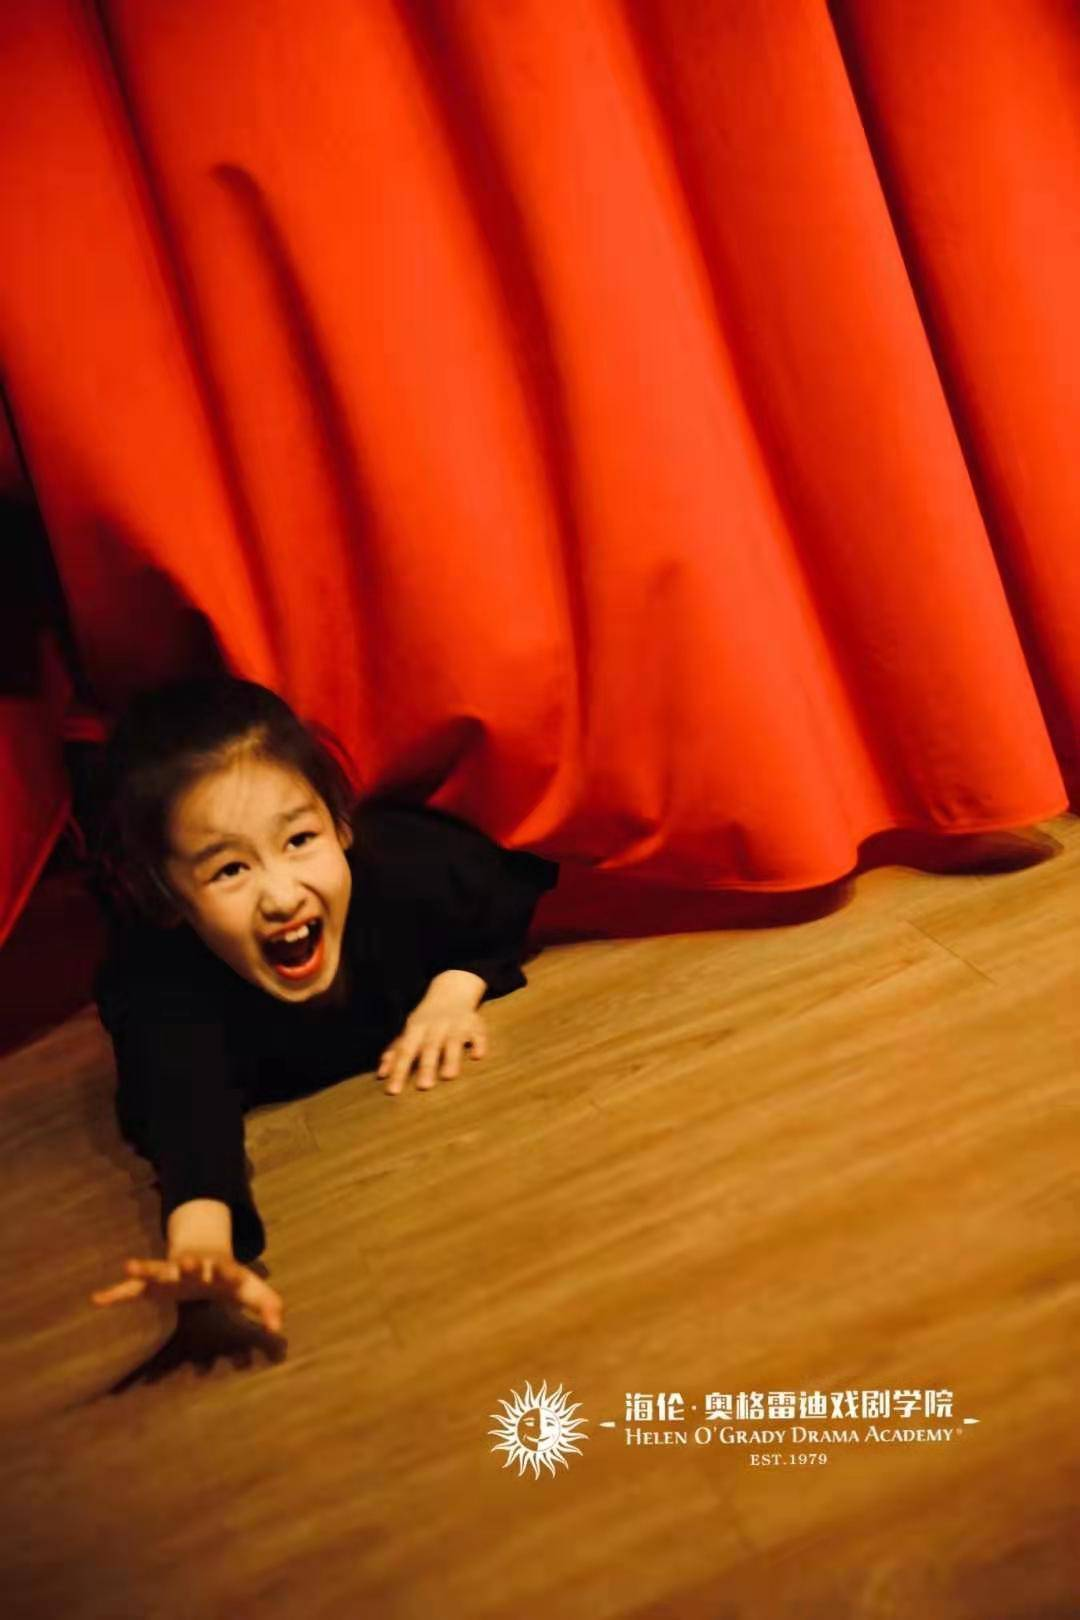 【广州 海珠越秀两店通用】29.9元抢海伦全英文儿童戏剧课,提供专业道具、亲子互动环节,英国41年历史戏剧教育你体验过